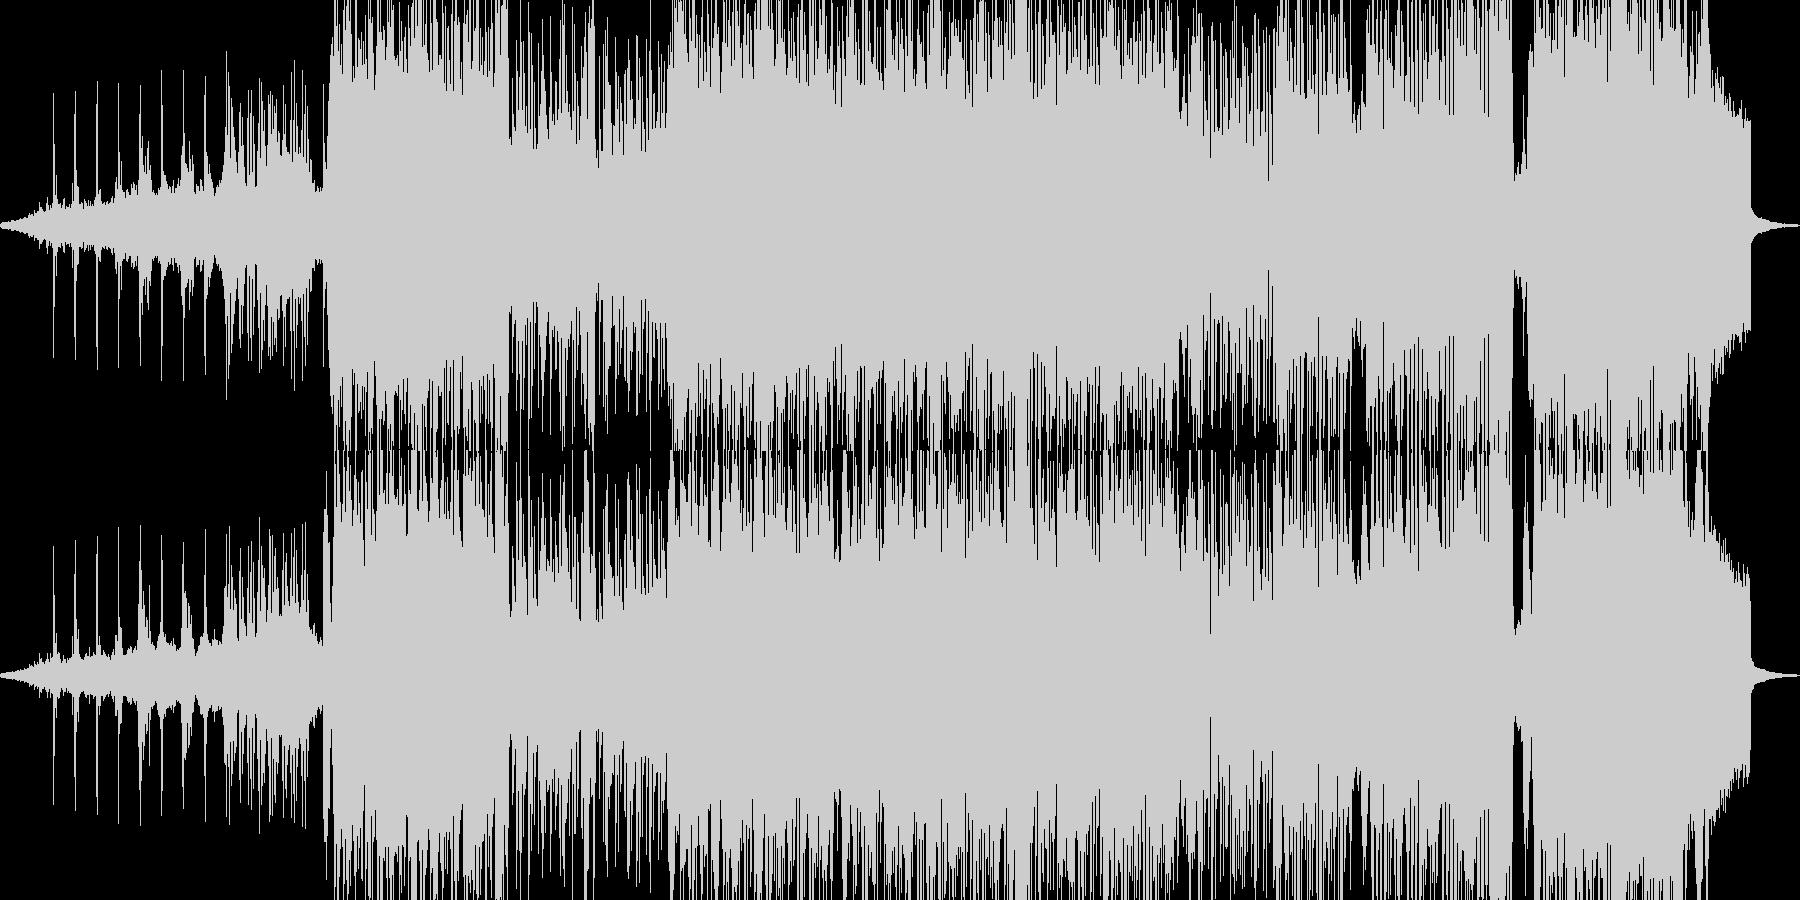 後戻り出来ない恐怖シーンのビッグビートの未再生の波形